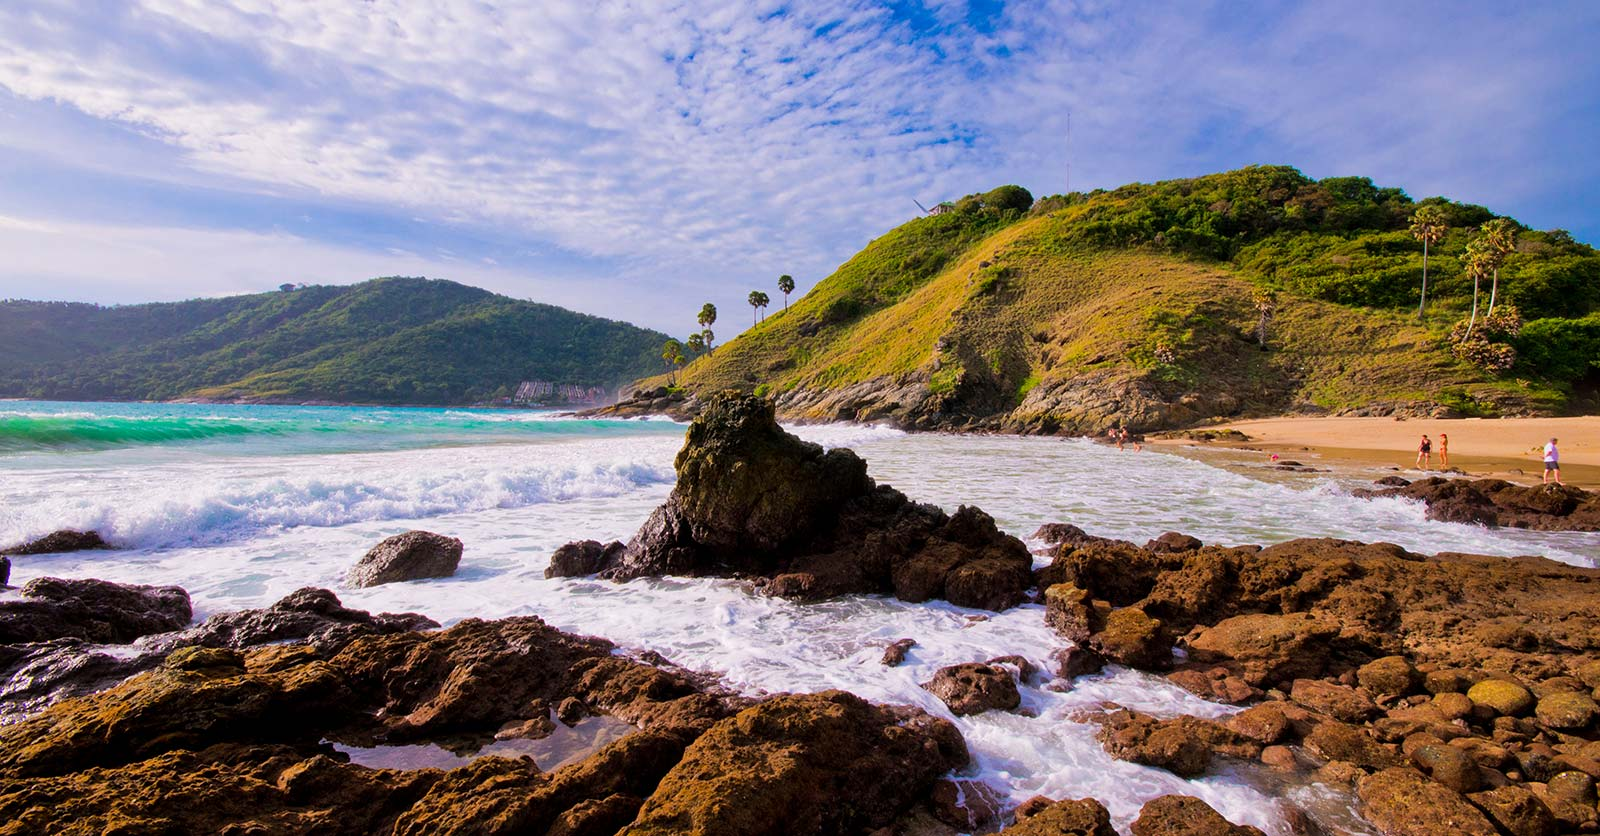 Sunsuri Phuket Experience